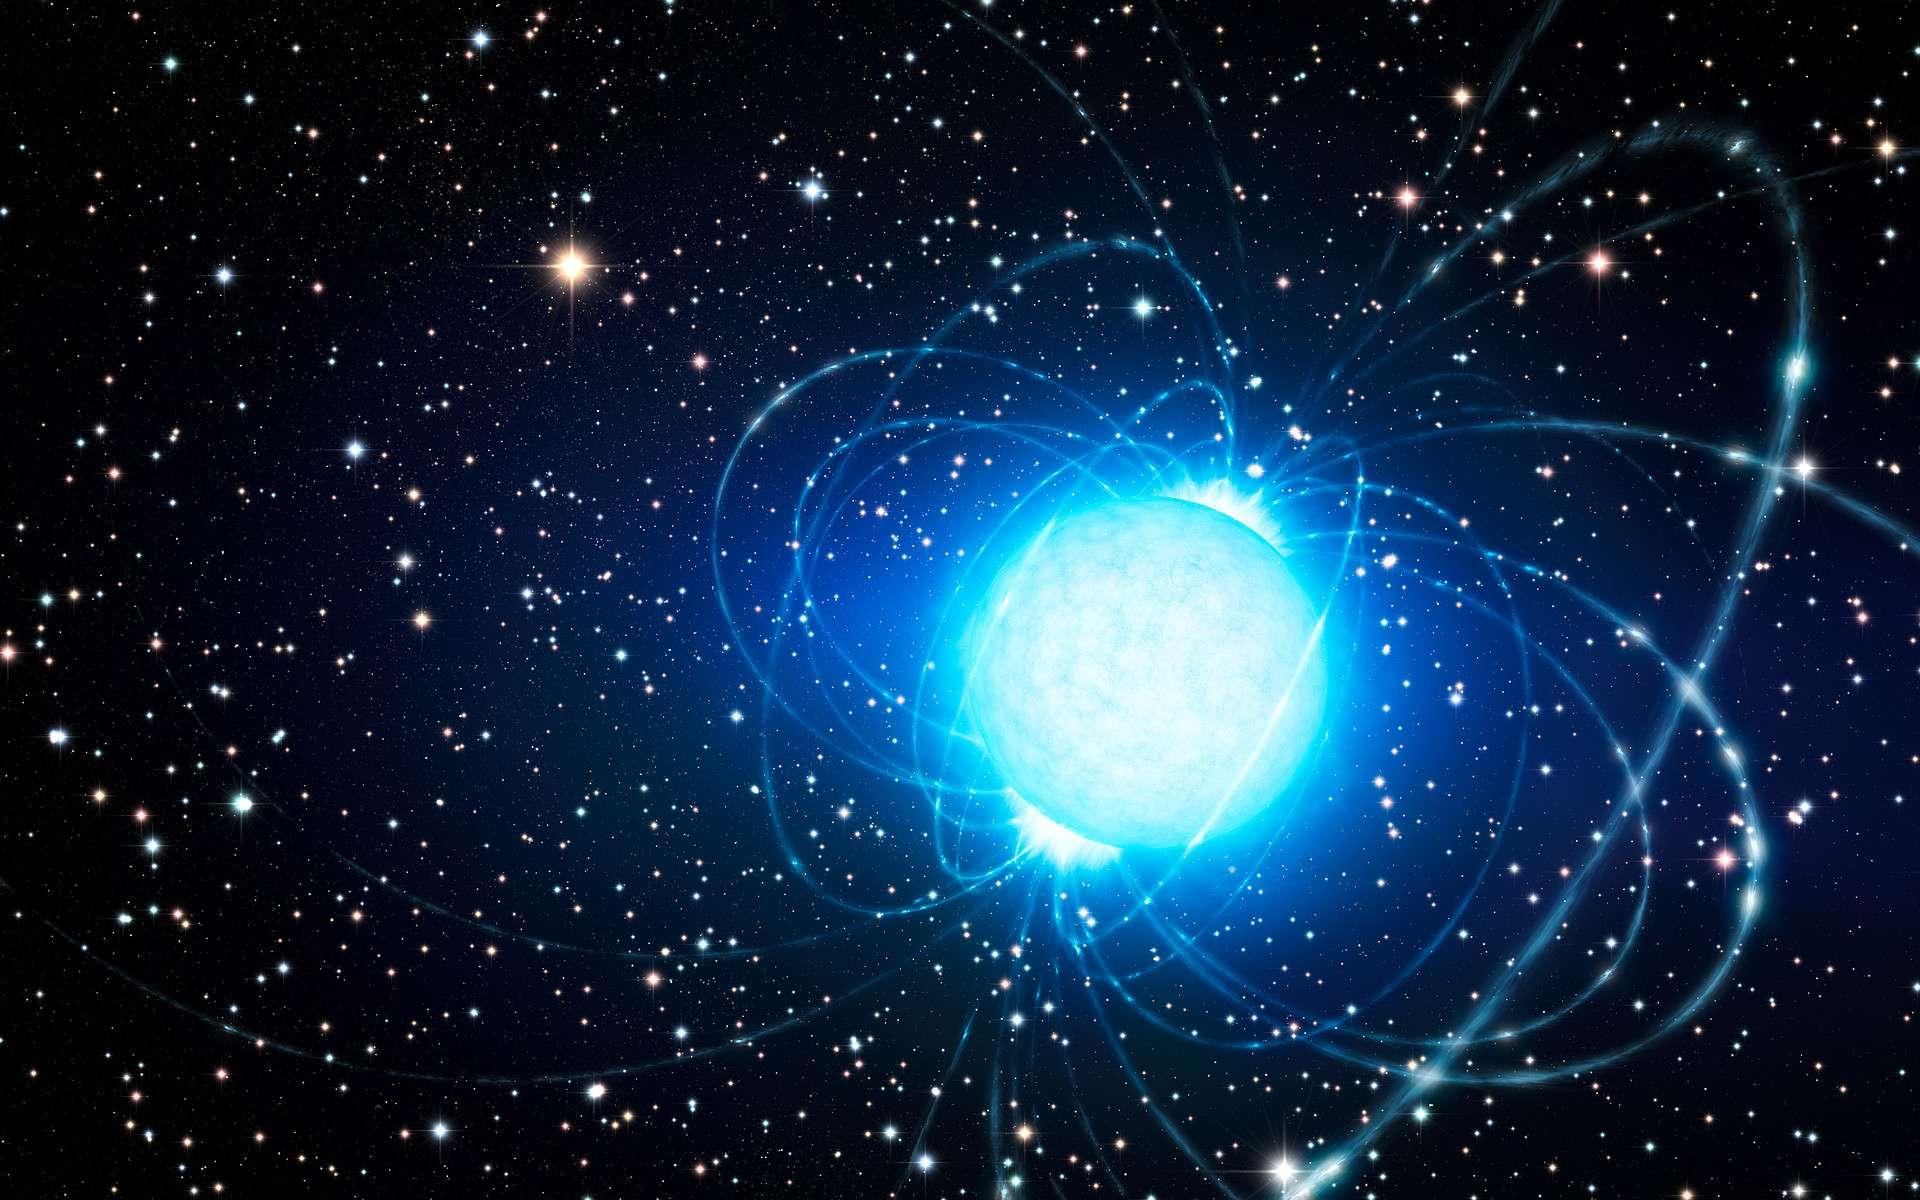 Une vue d'artiste d'un pulsar avec ses lignes de champ magnétique. © ESO, L. Calçada